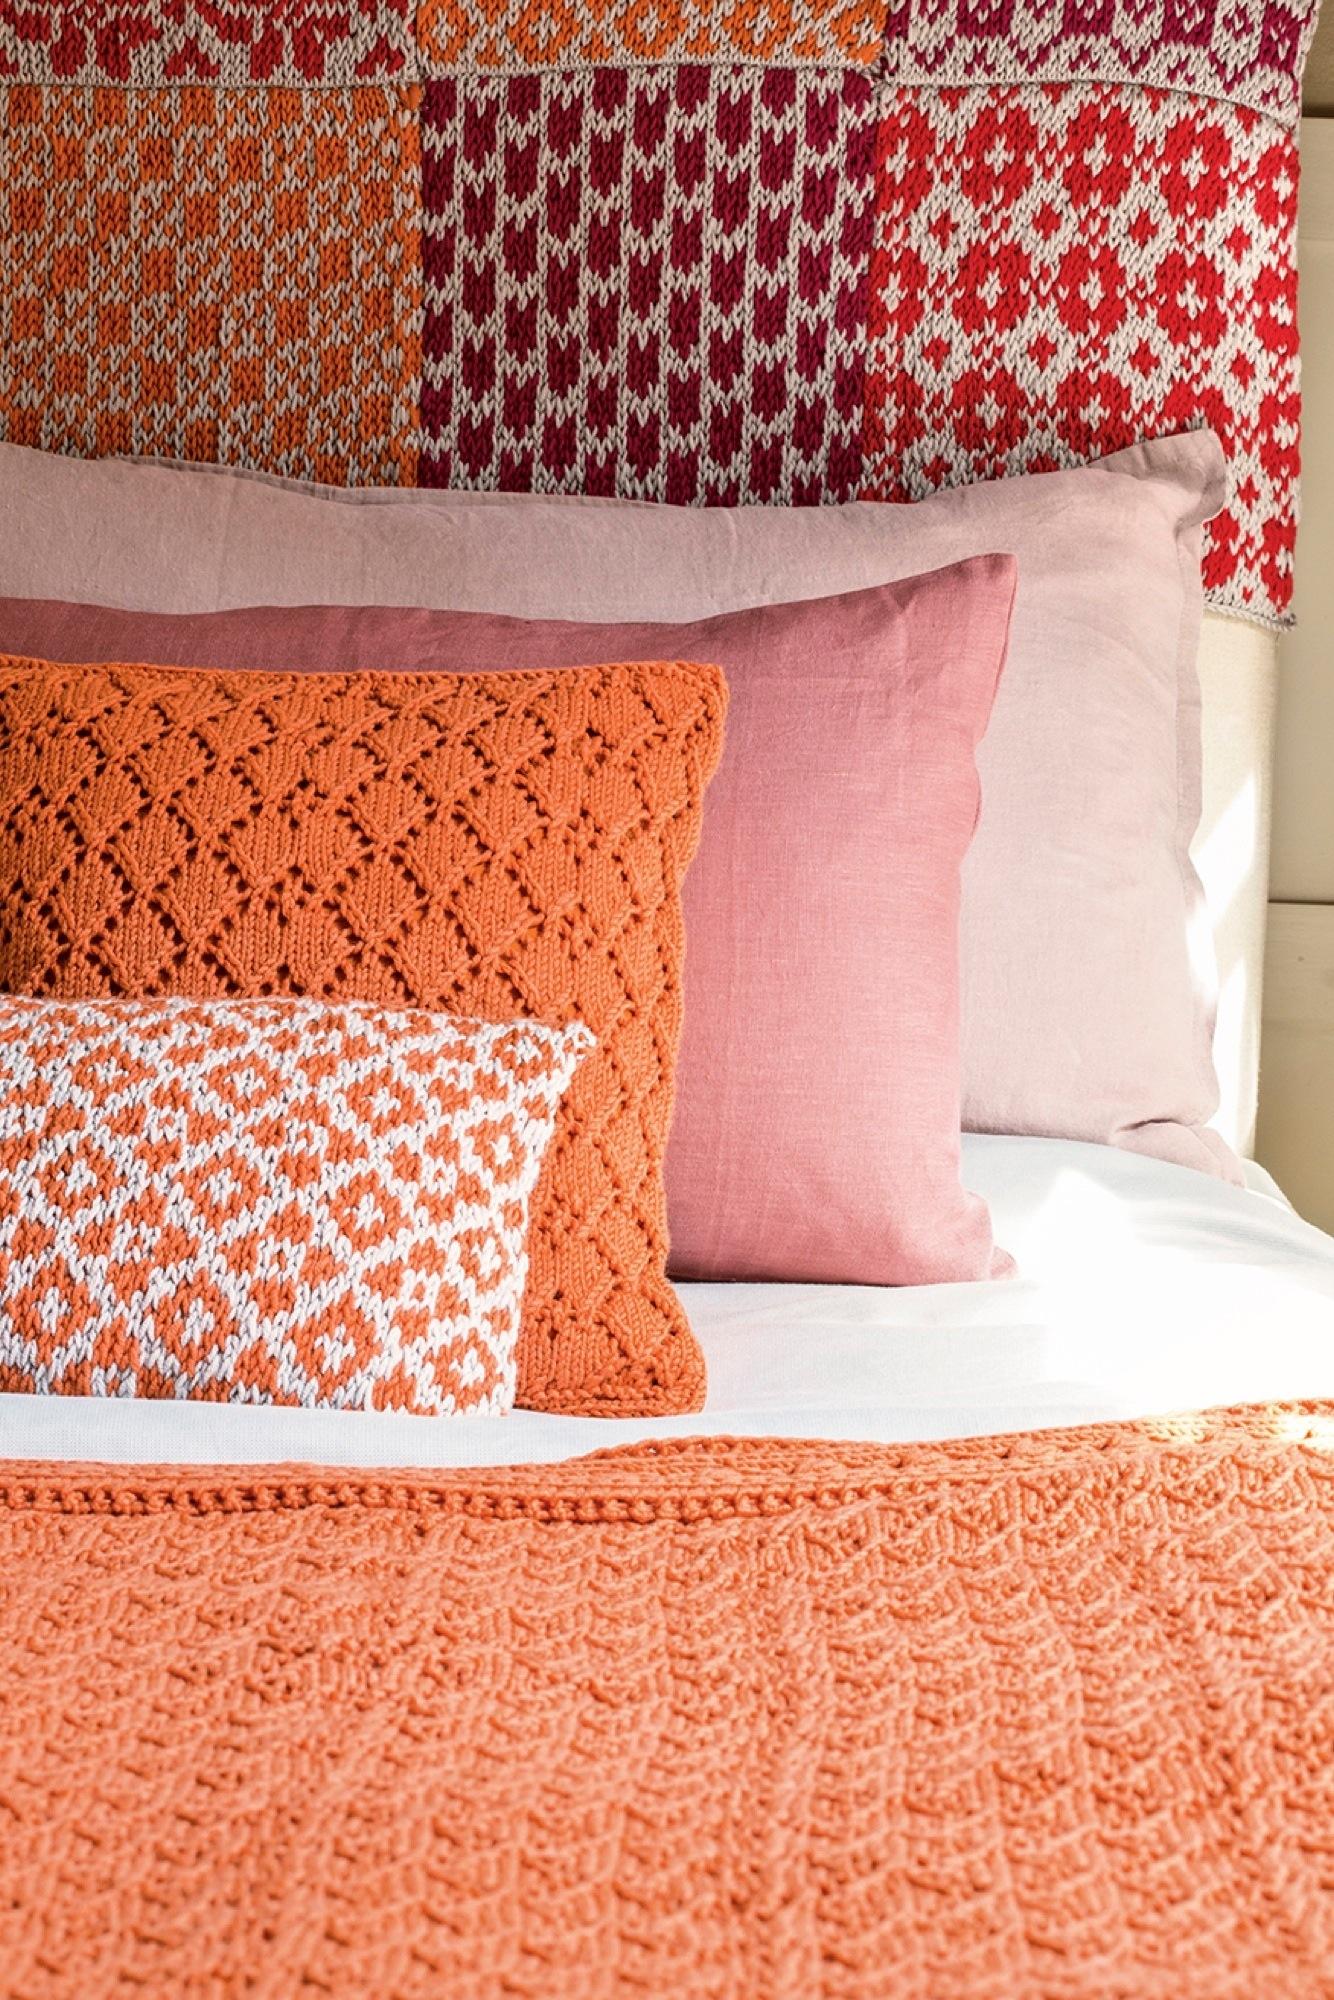 Gu a de uso y disfrute c mo decorar con punto - Decorar cama con cojines ...